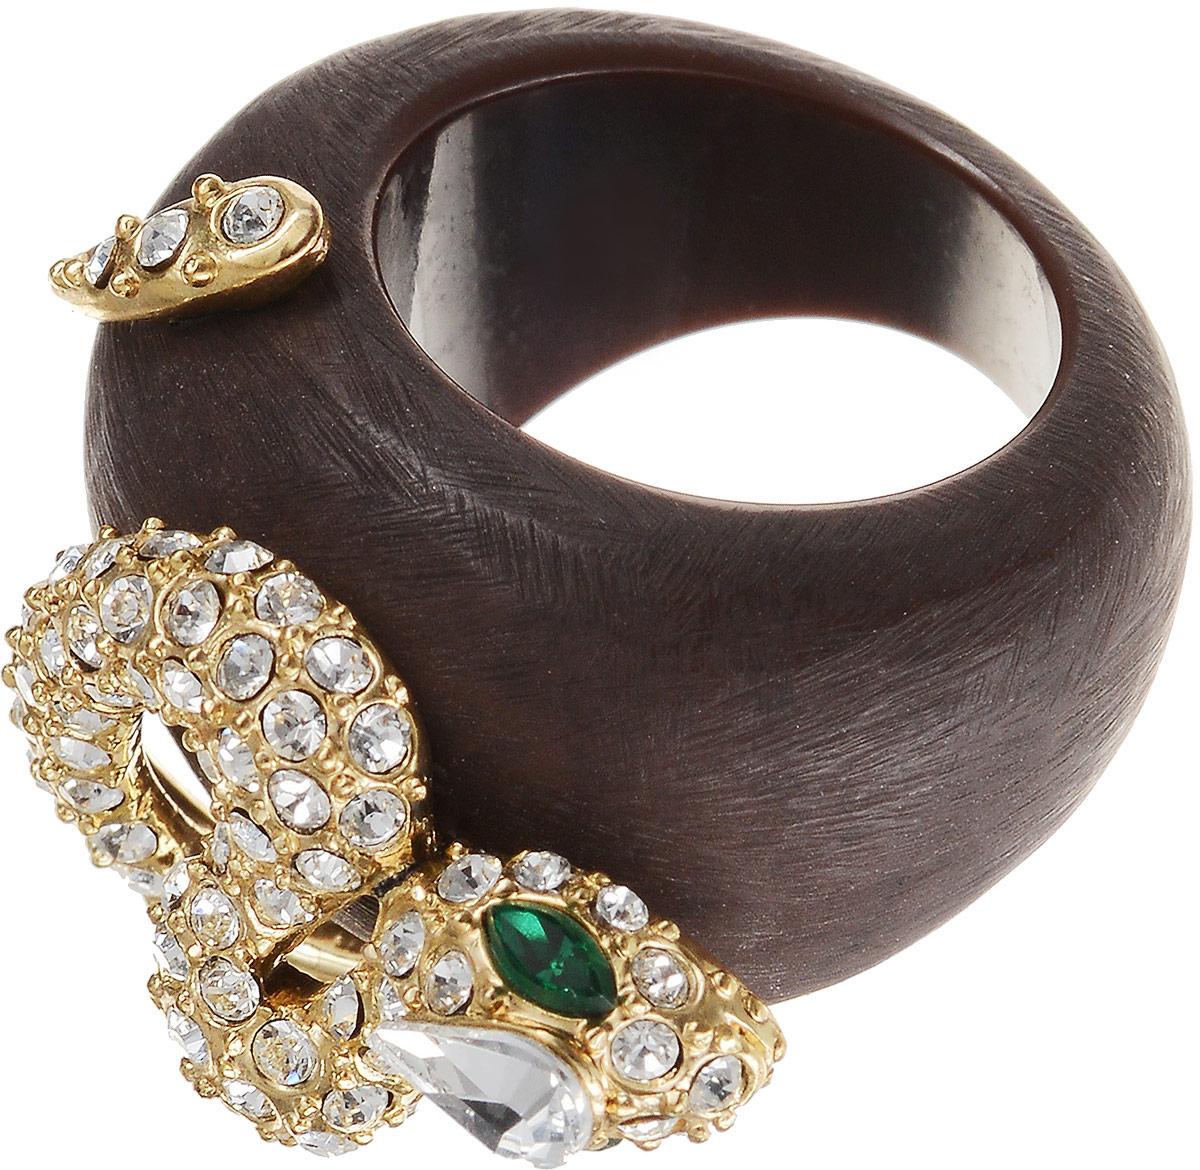 Кольцо Art-Silver, цвет: коричневый. М456-500. Размер 17,5